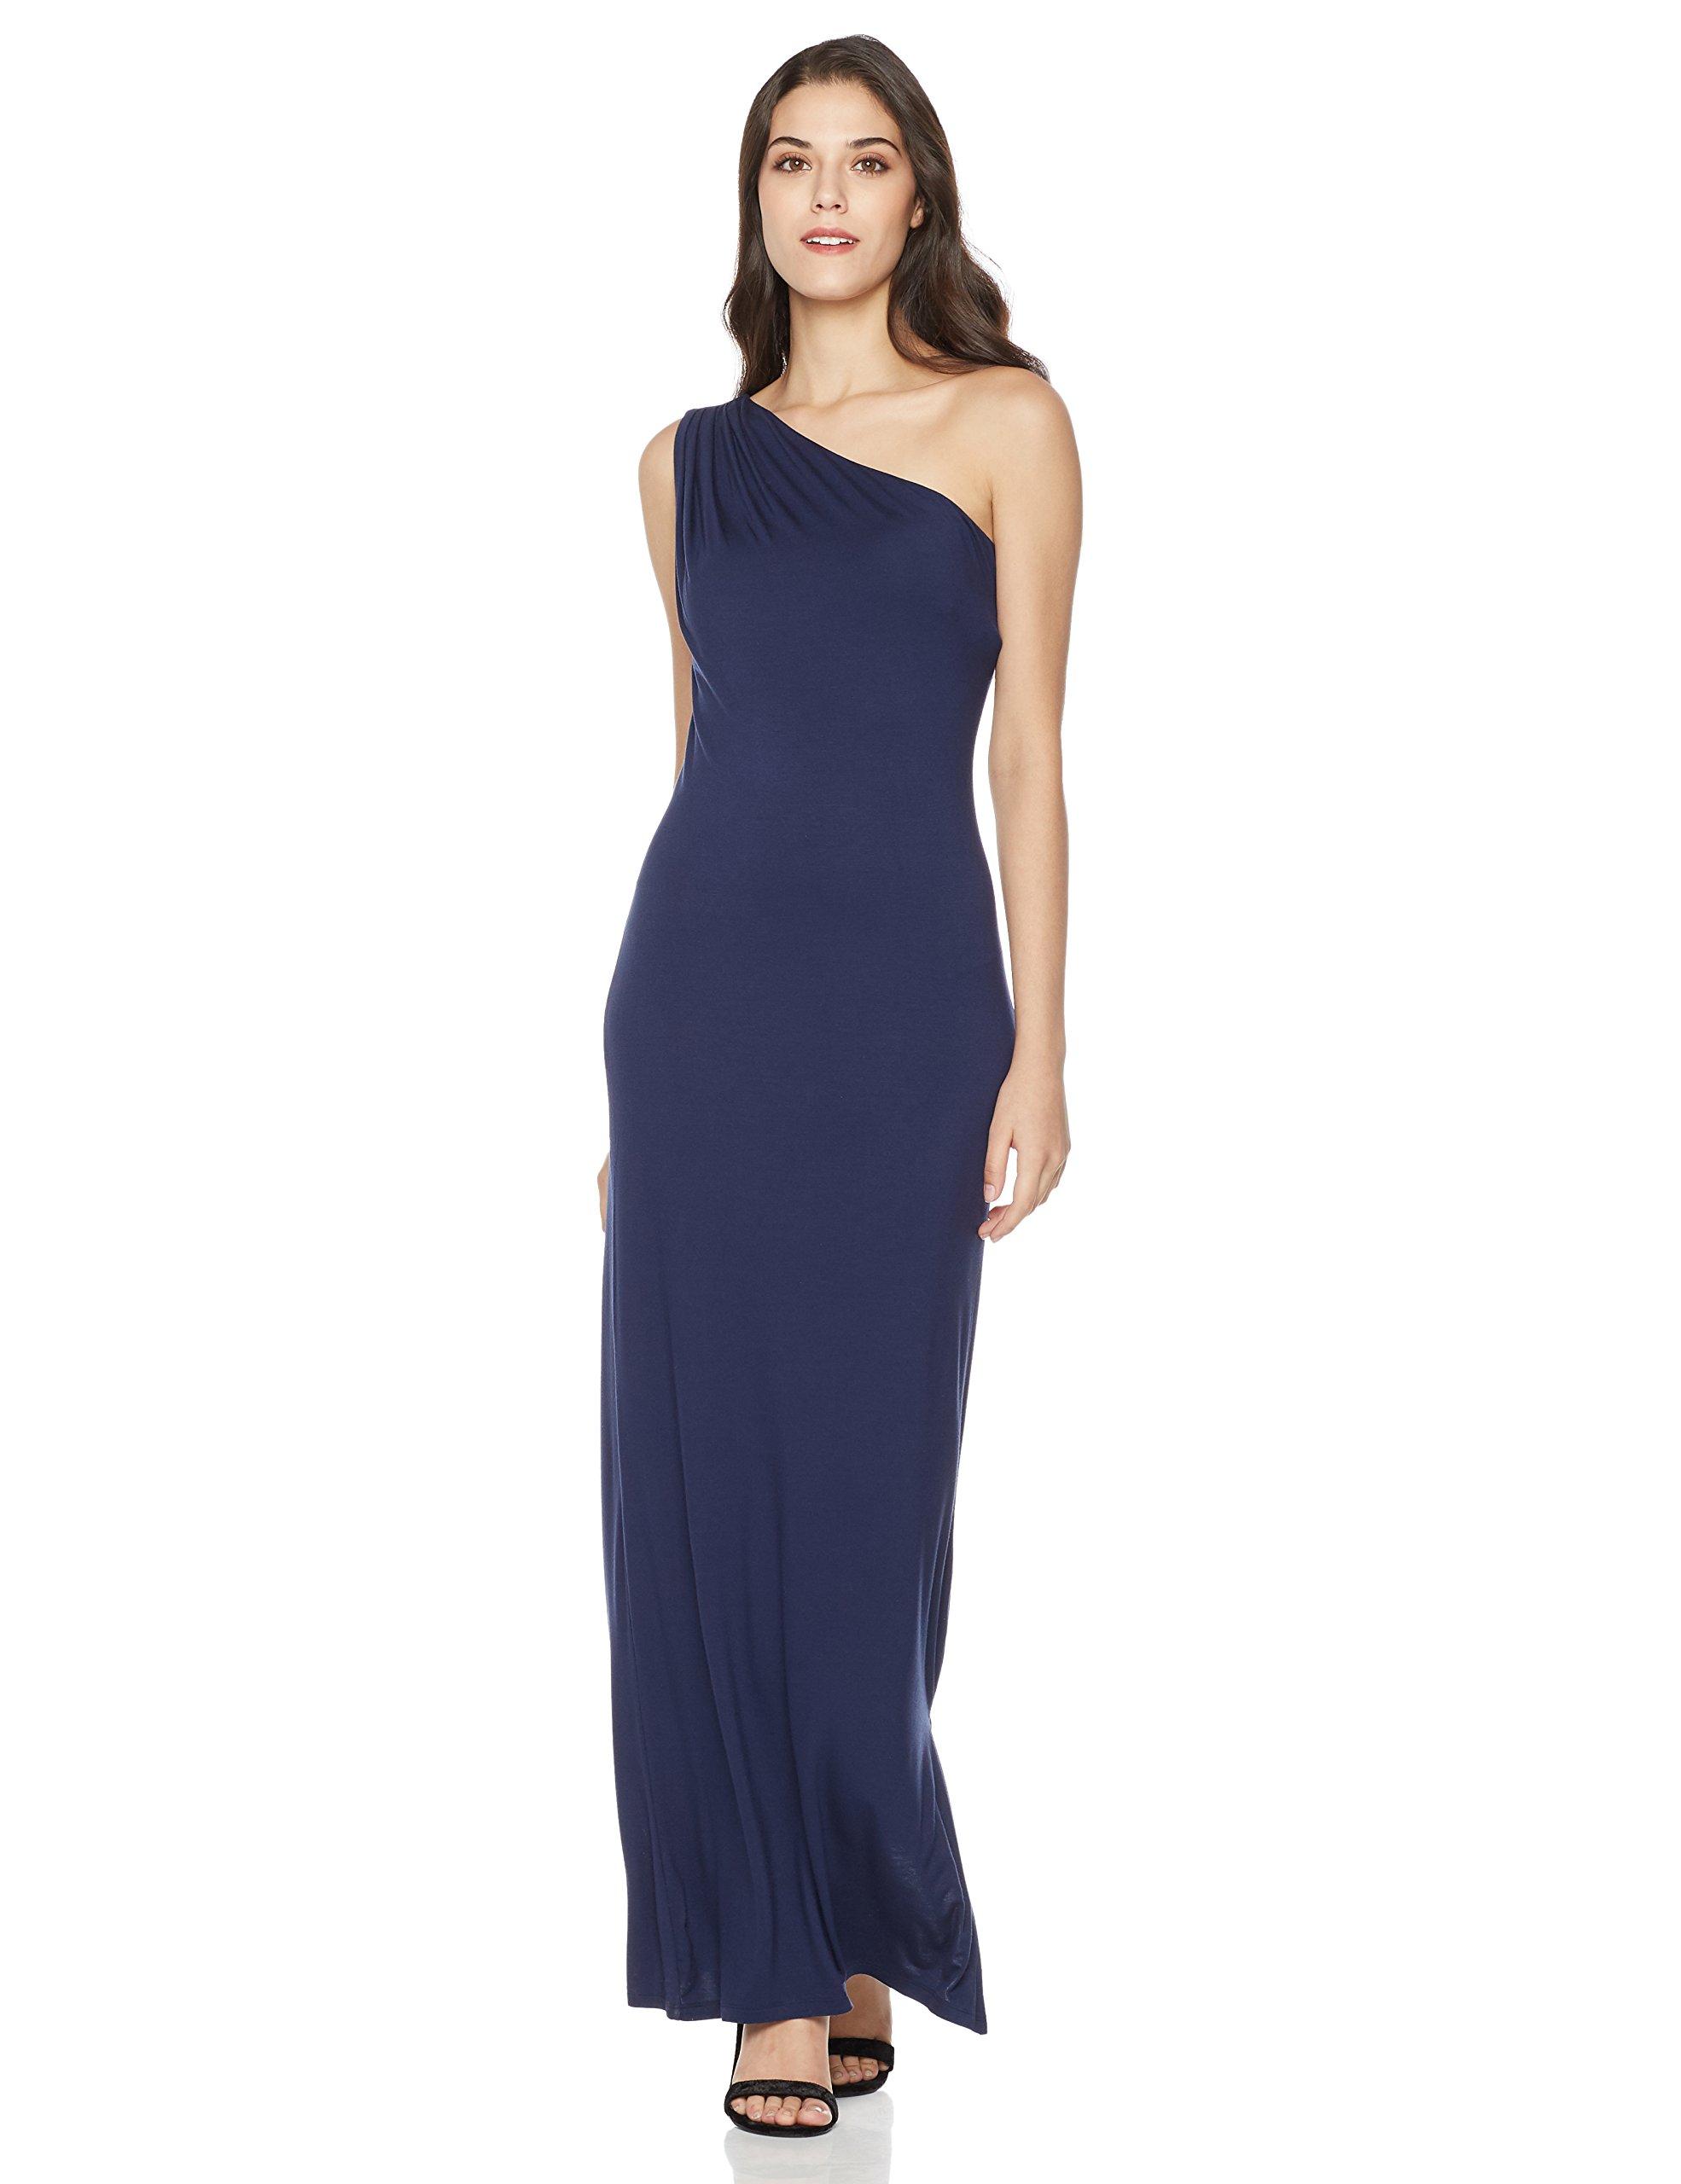 Mariella Bella Women's Oblique Off Shoulder Knit Maxi Dress - Navy - Large